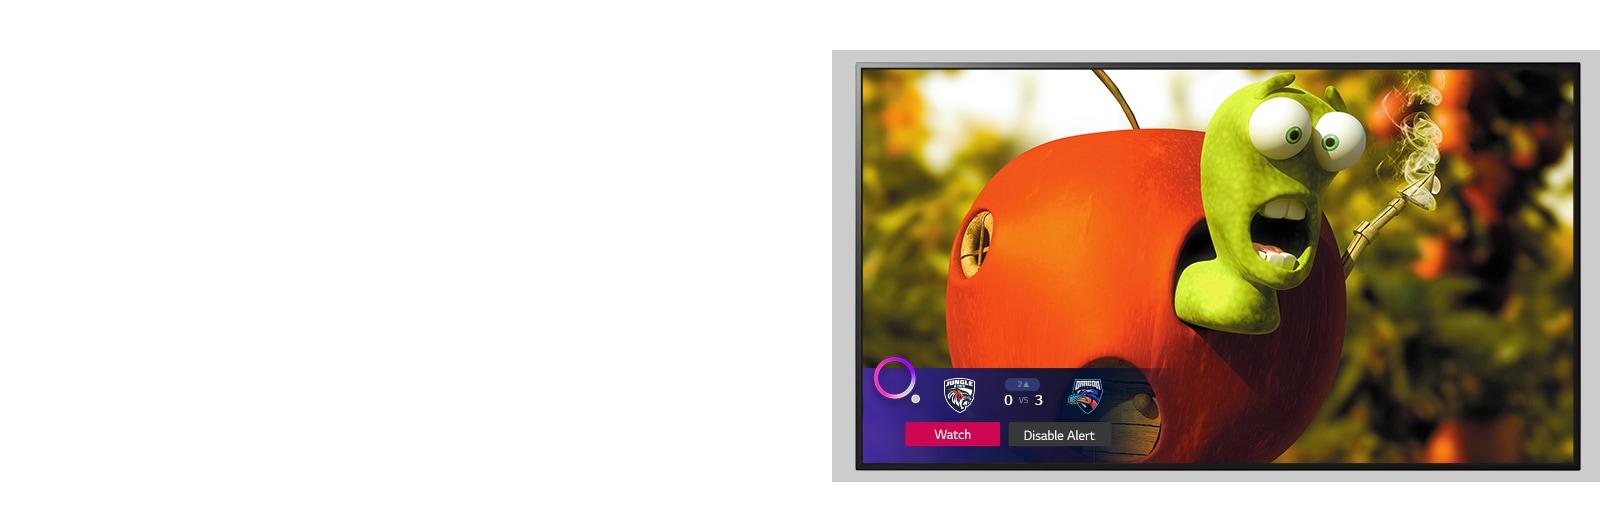 LG 65UN7300PTC Sports Alert